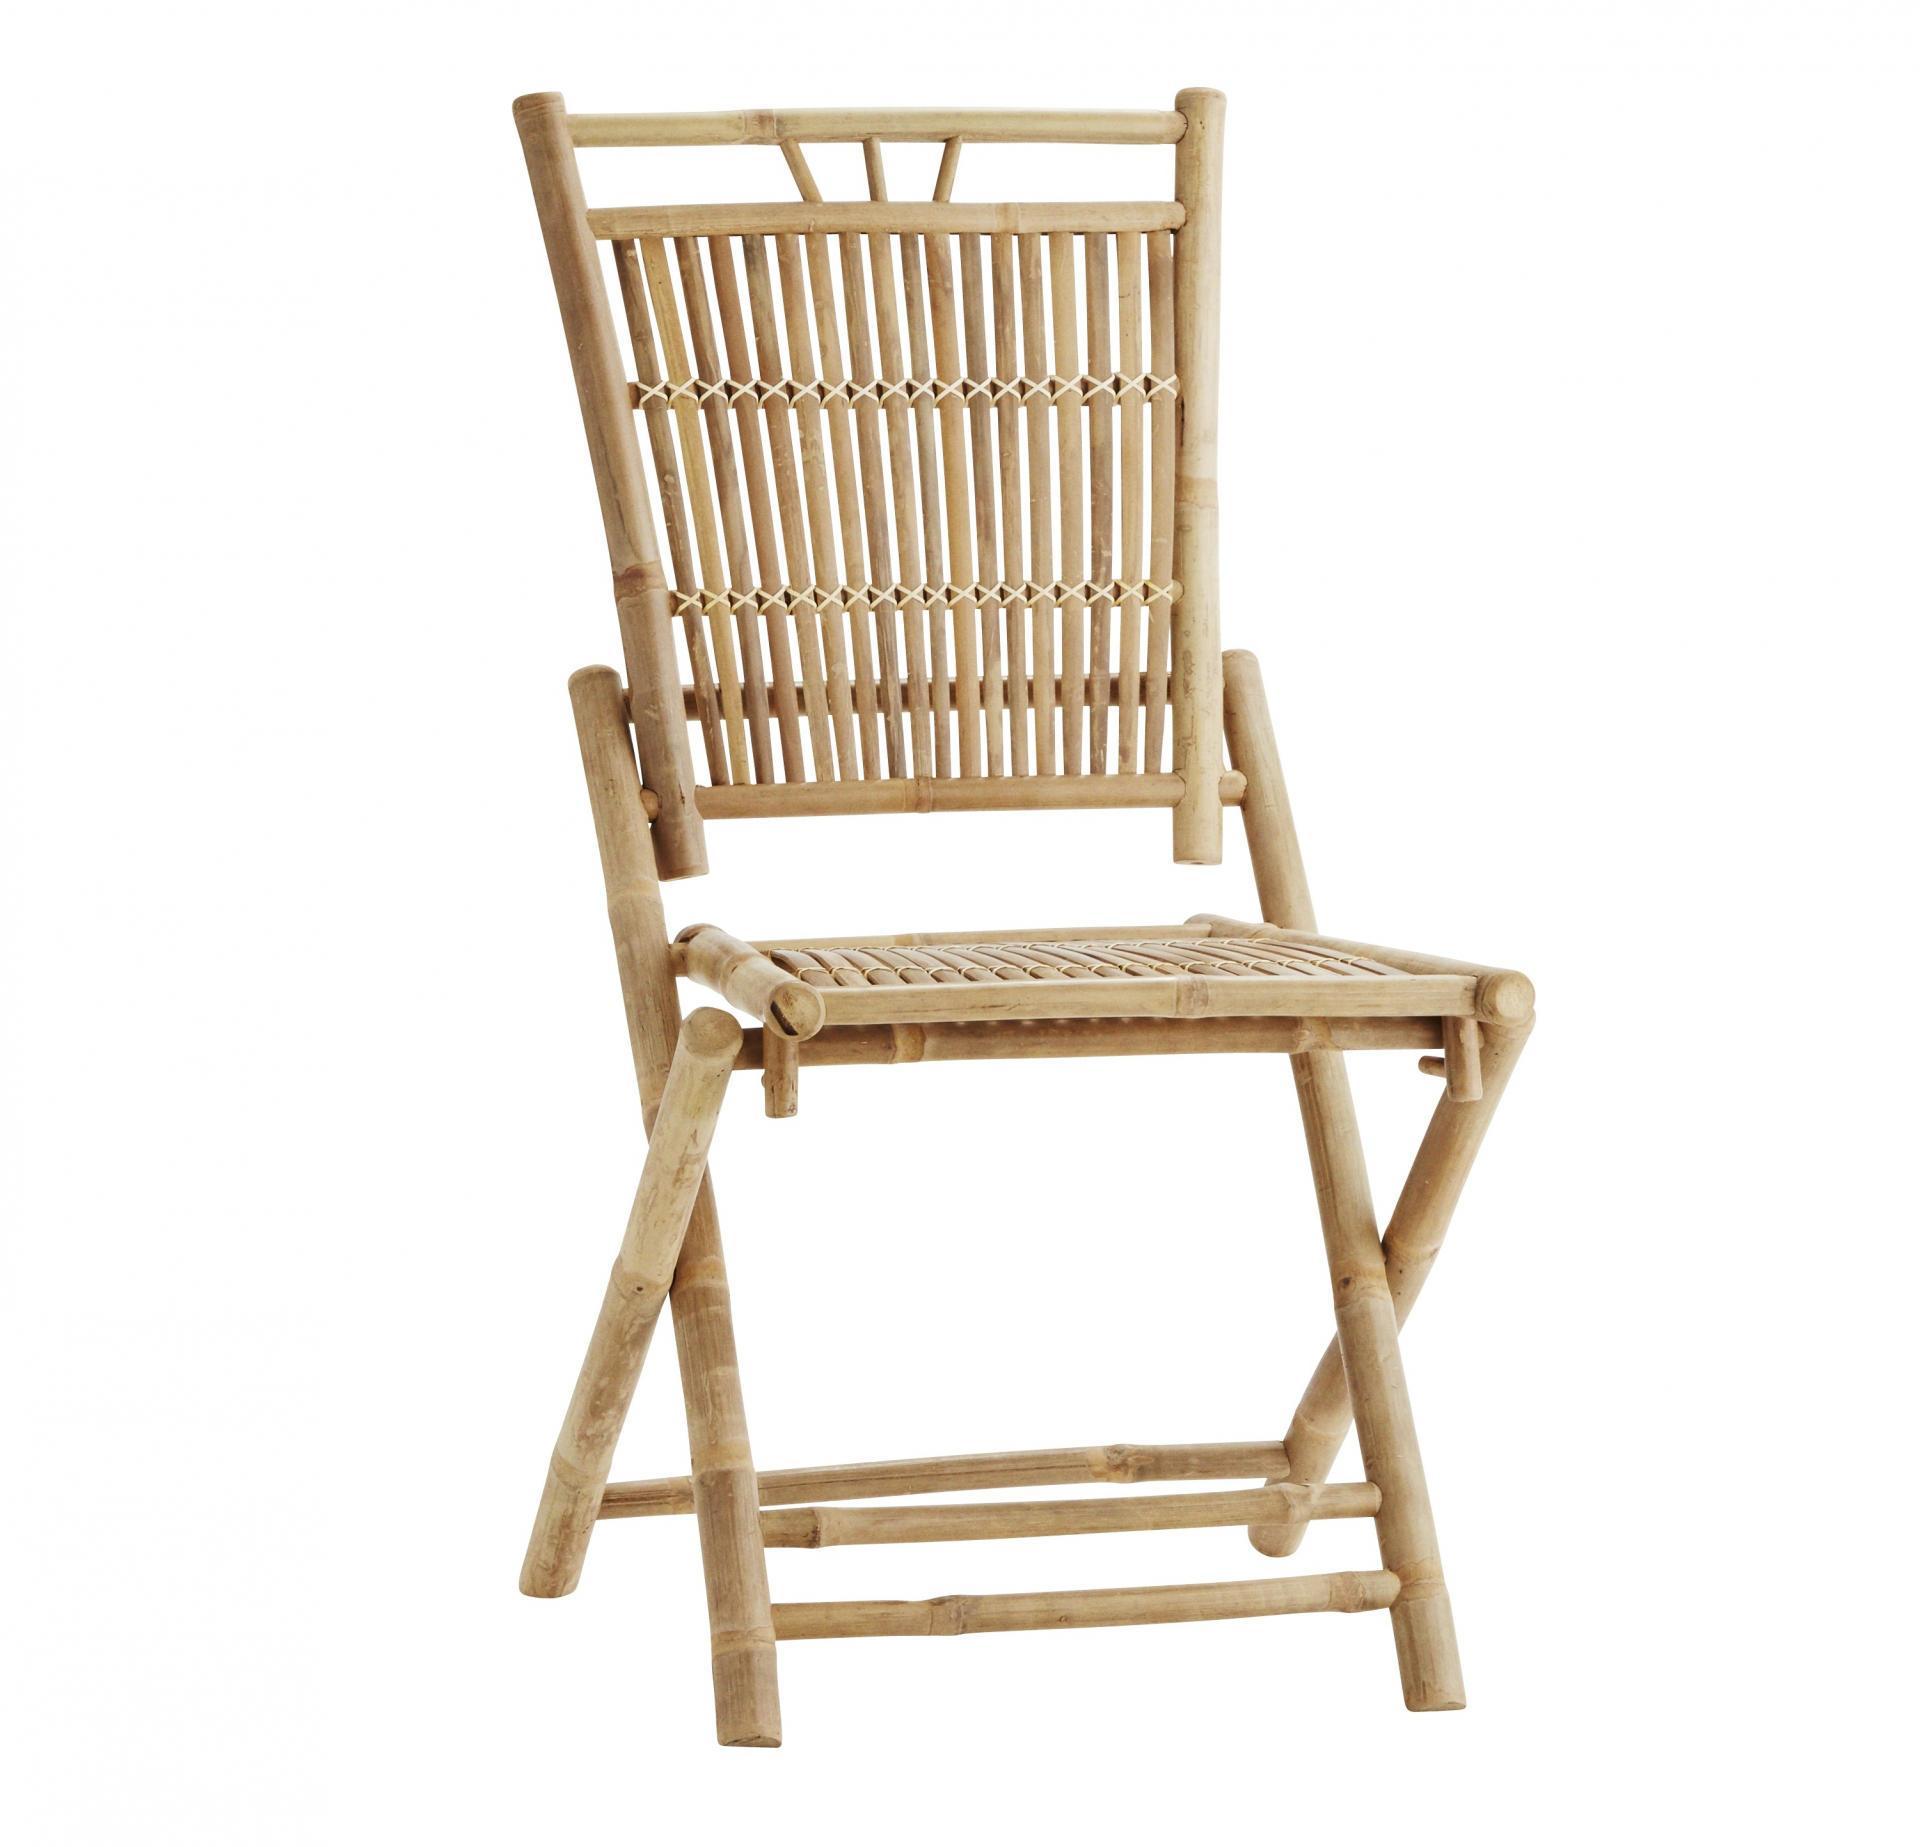 MADAM STOLTZ Skládací bambusová židle Natural, béžová barva, přírodní barva, dřevo